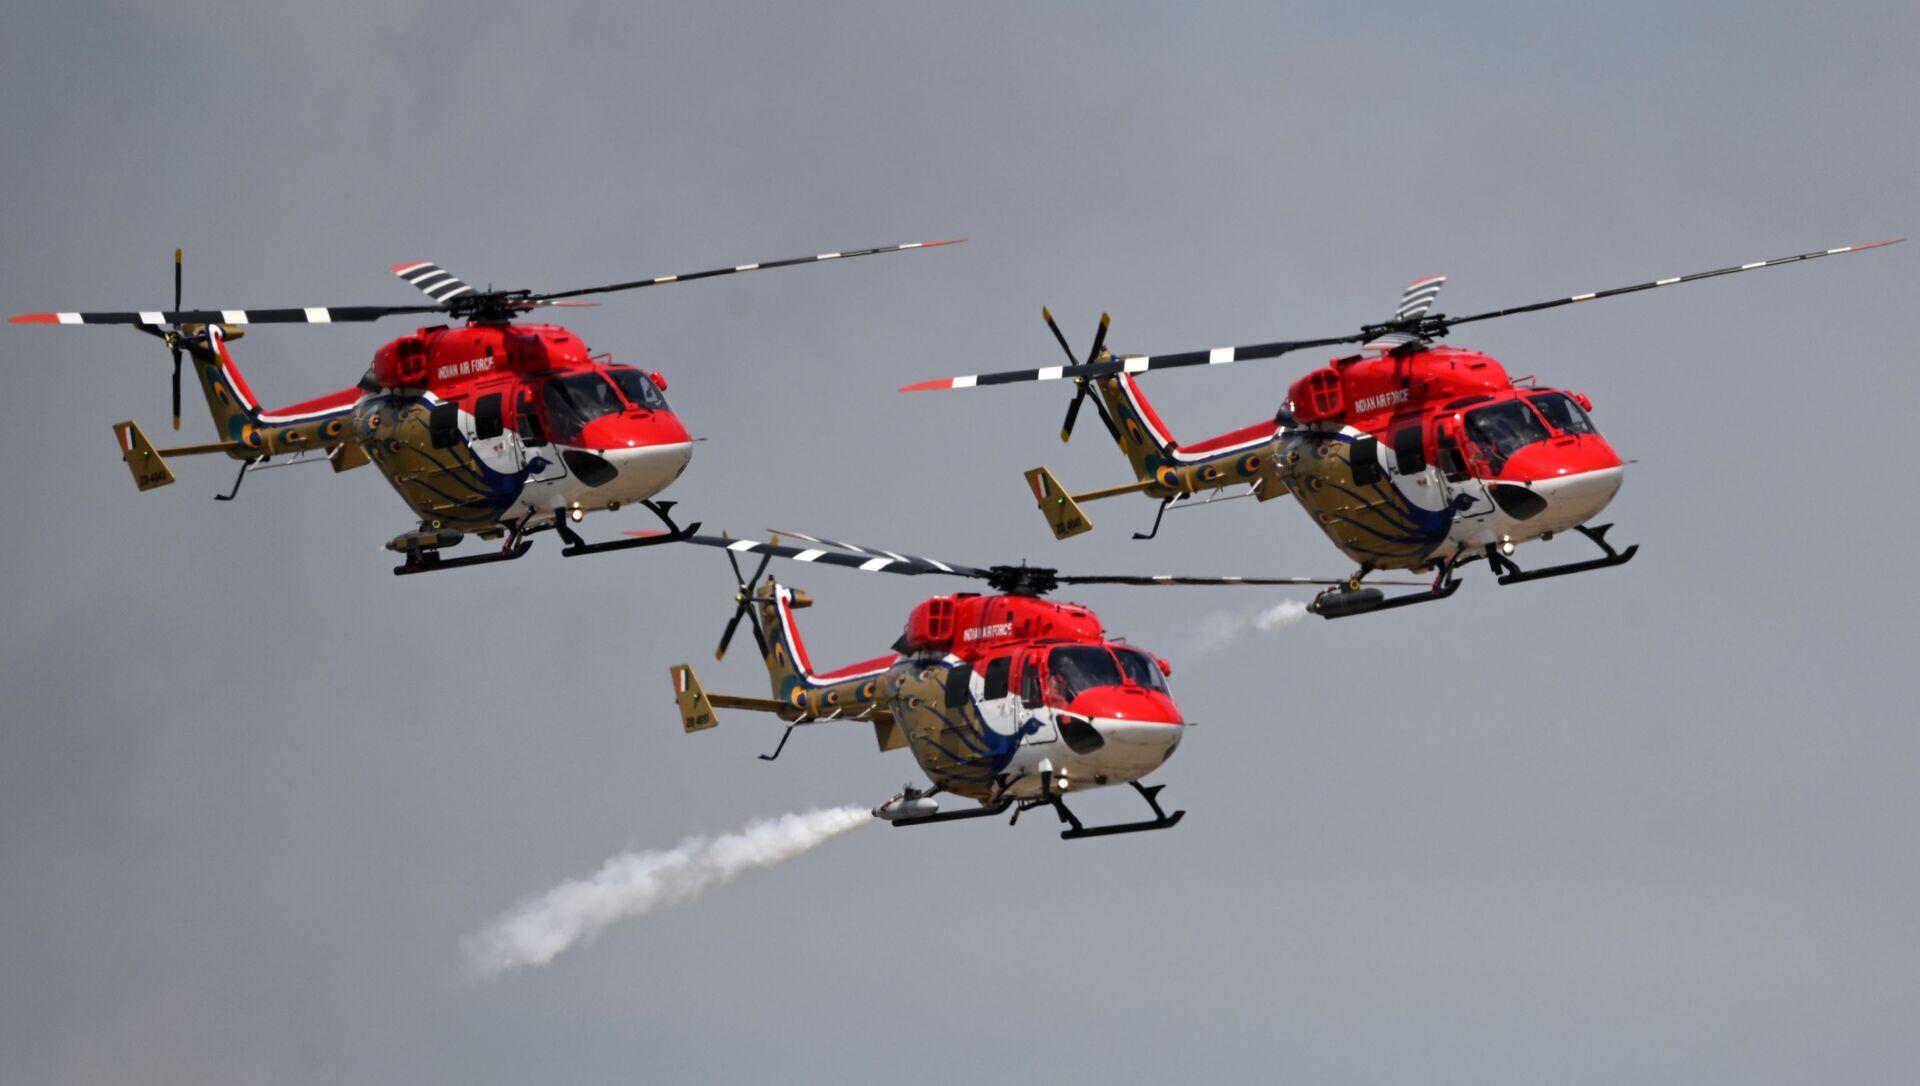 Đội nhào lộn Sarang (Ấn Độ) trên máy bay trực thăng tham gia chương trình bay tại sự kiện Hàng không và Vũ trụ Quốc tế MAKS-2021 - Sputnik Việt Nam, 1920, 21.07.2021